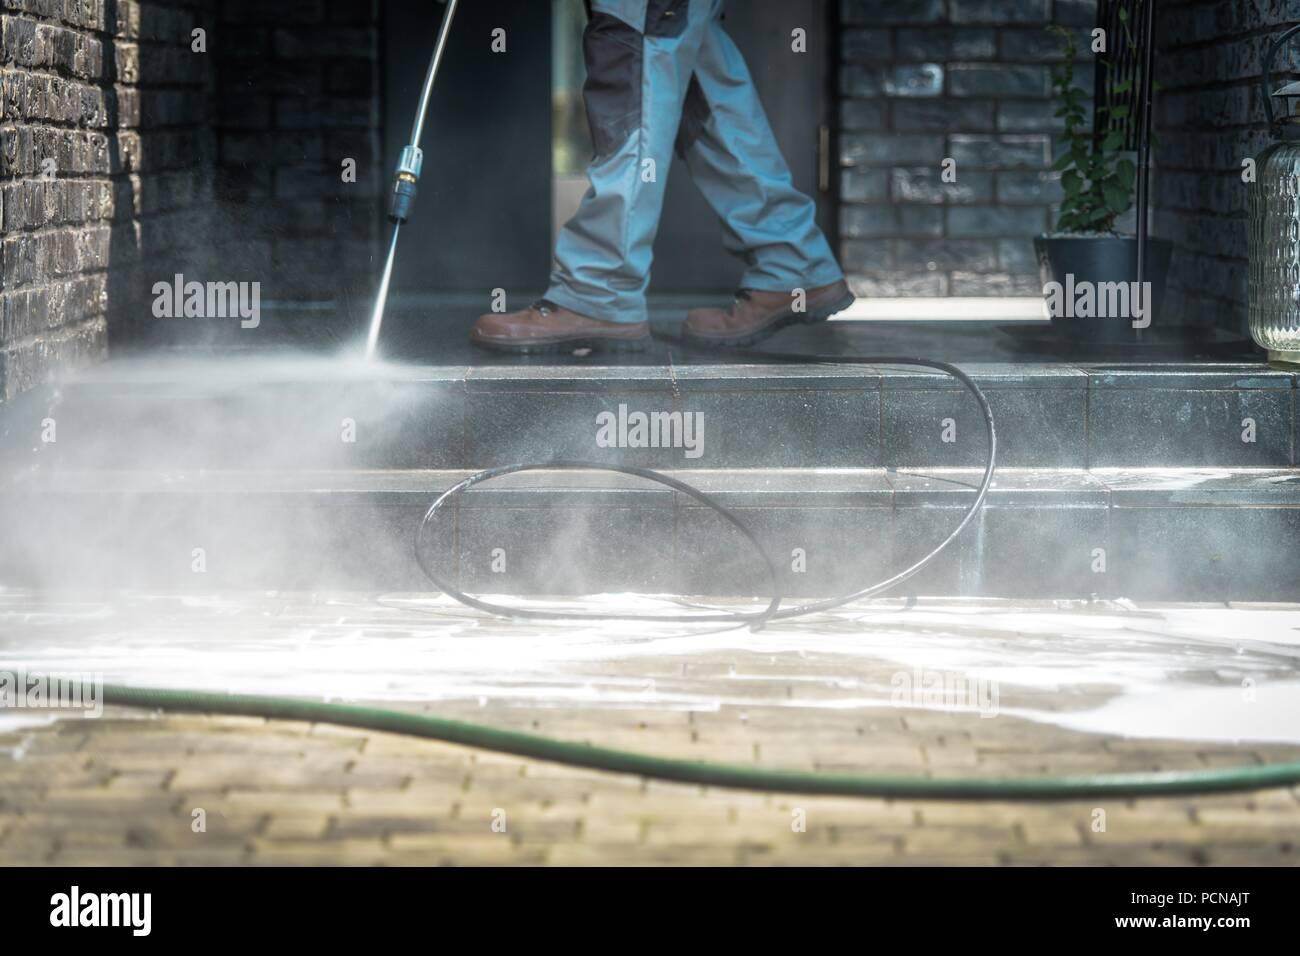 Favorit Hochdruckreiniger reinigen. Männer Reinigung außer Haus Treppen IZ47